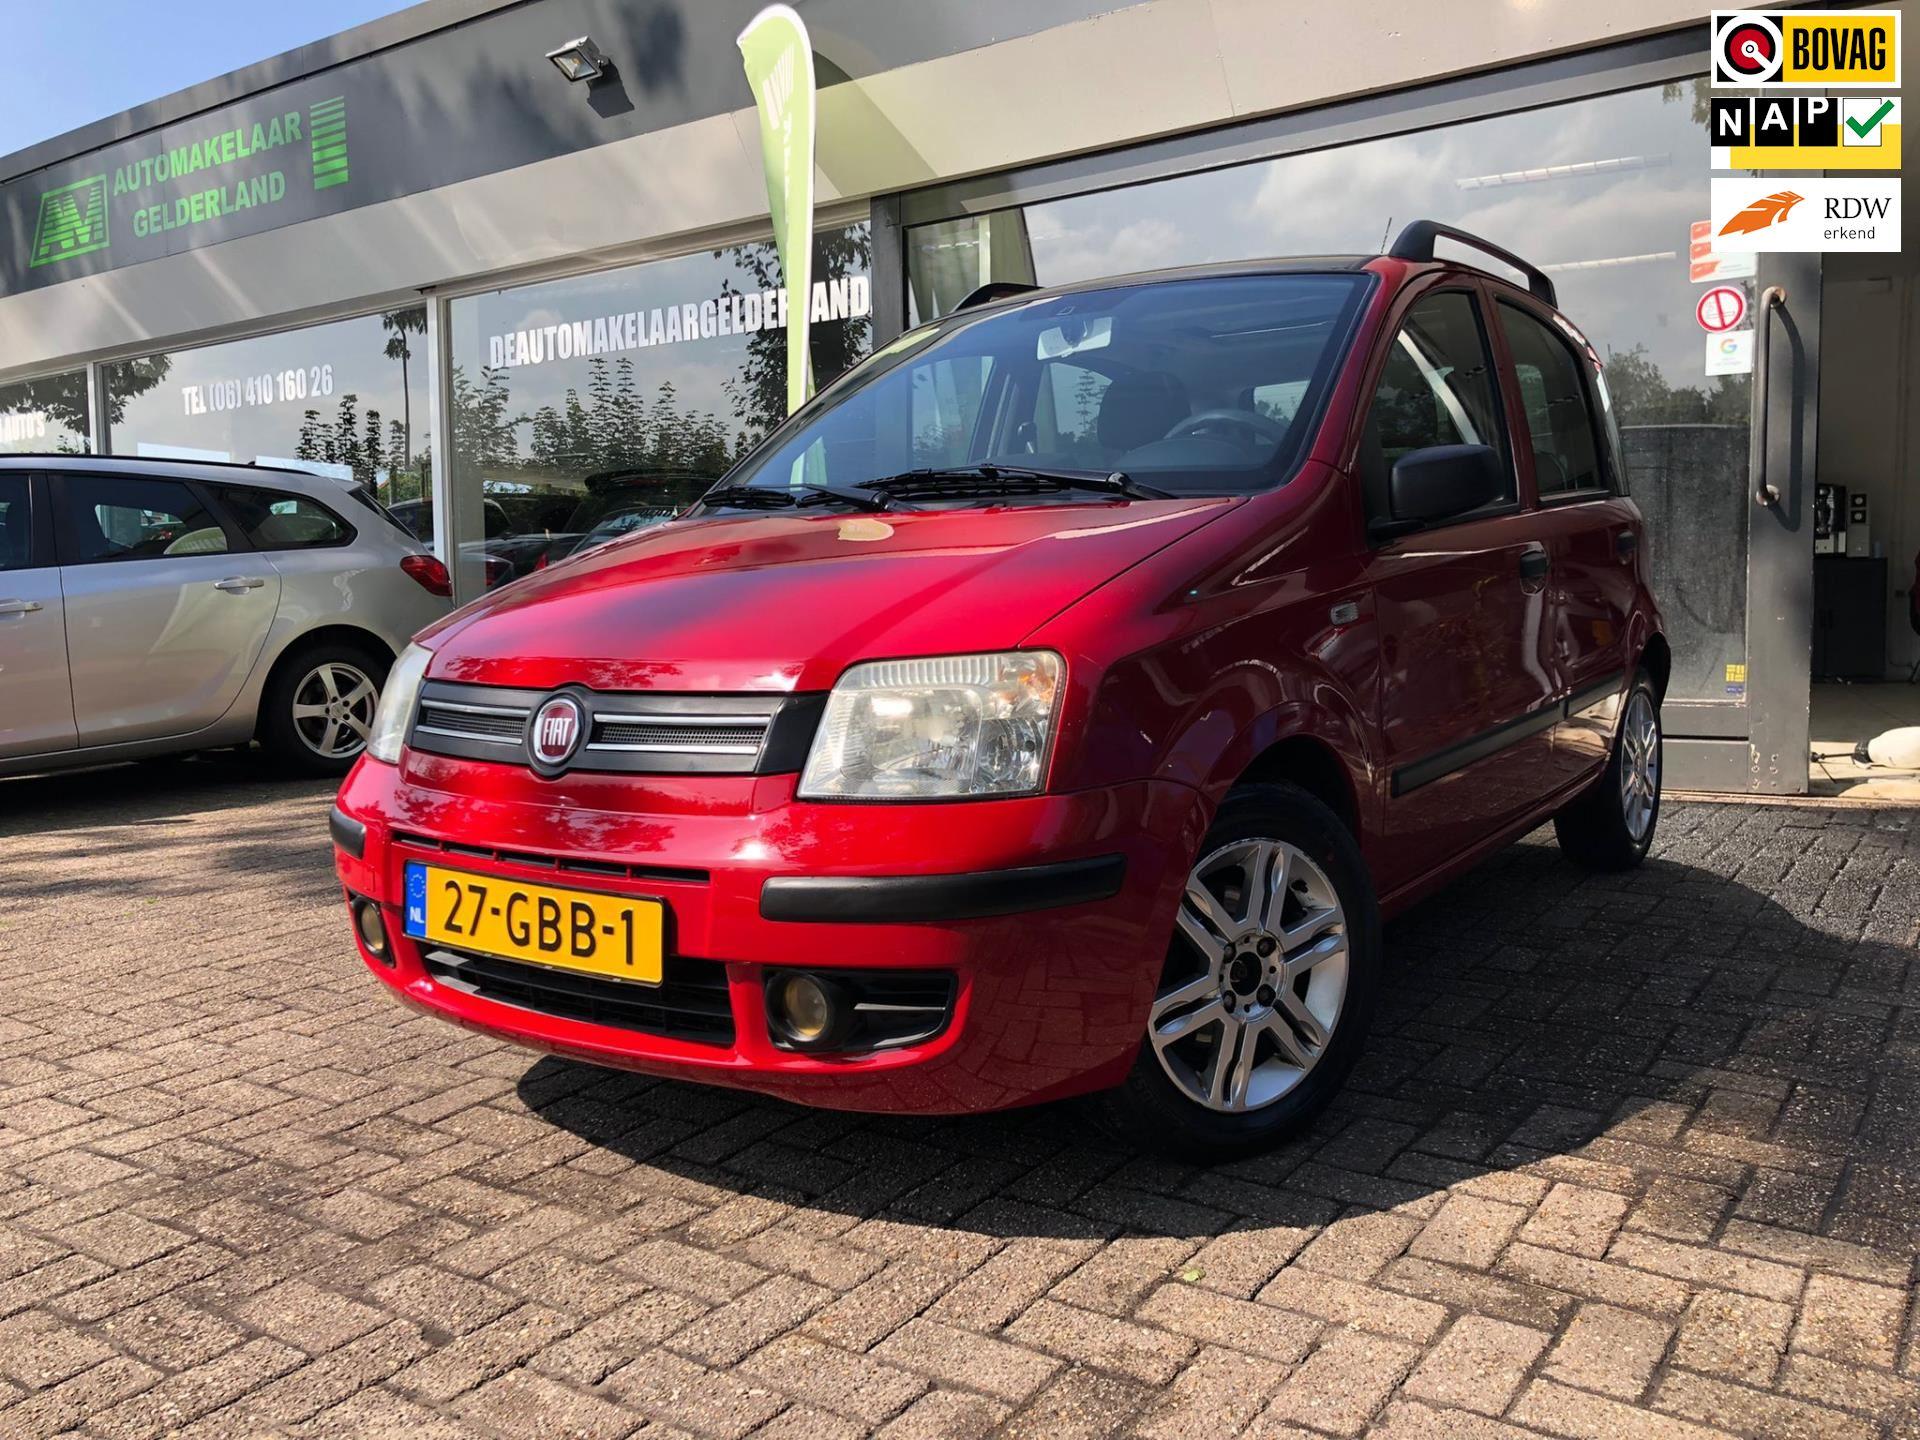 Fiat Panda occasion - De Automakelaar Gelderland